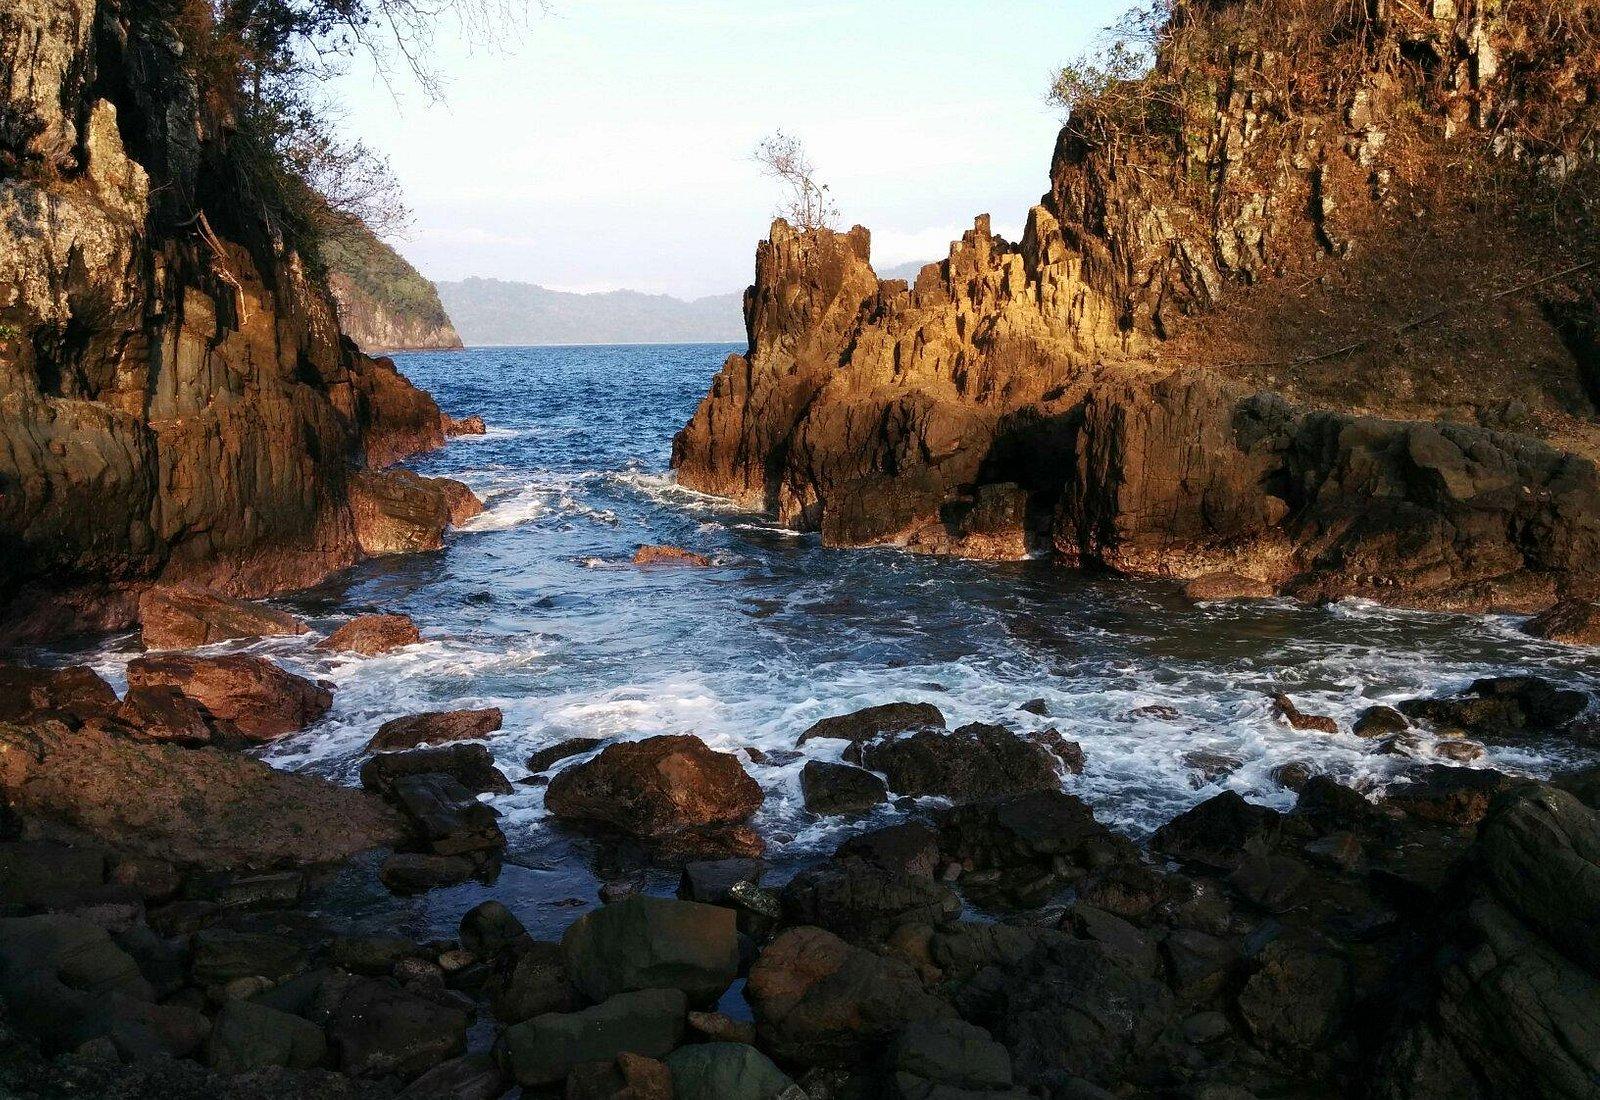 Pemandangan Teluk Hijau (Green Bay) di Taman Nasional Meru Betiri di Banyuwangi